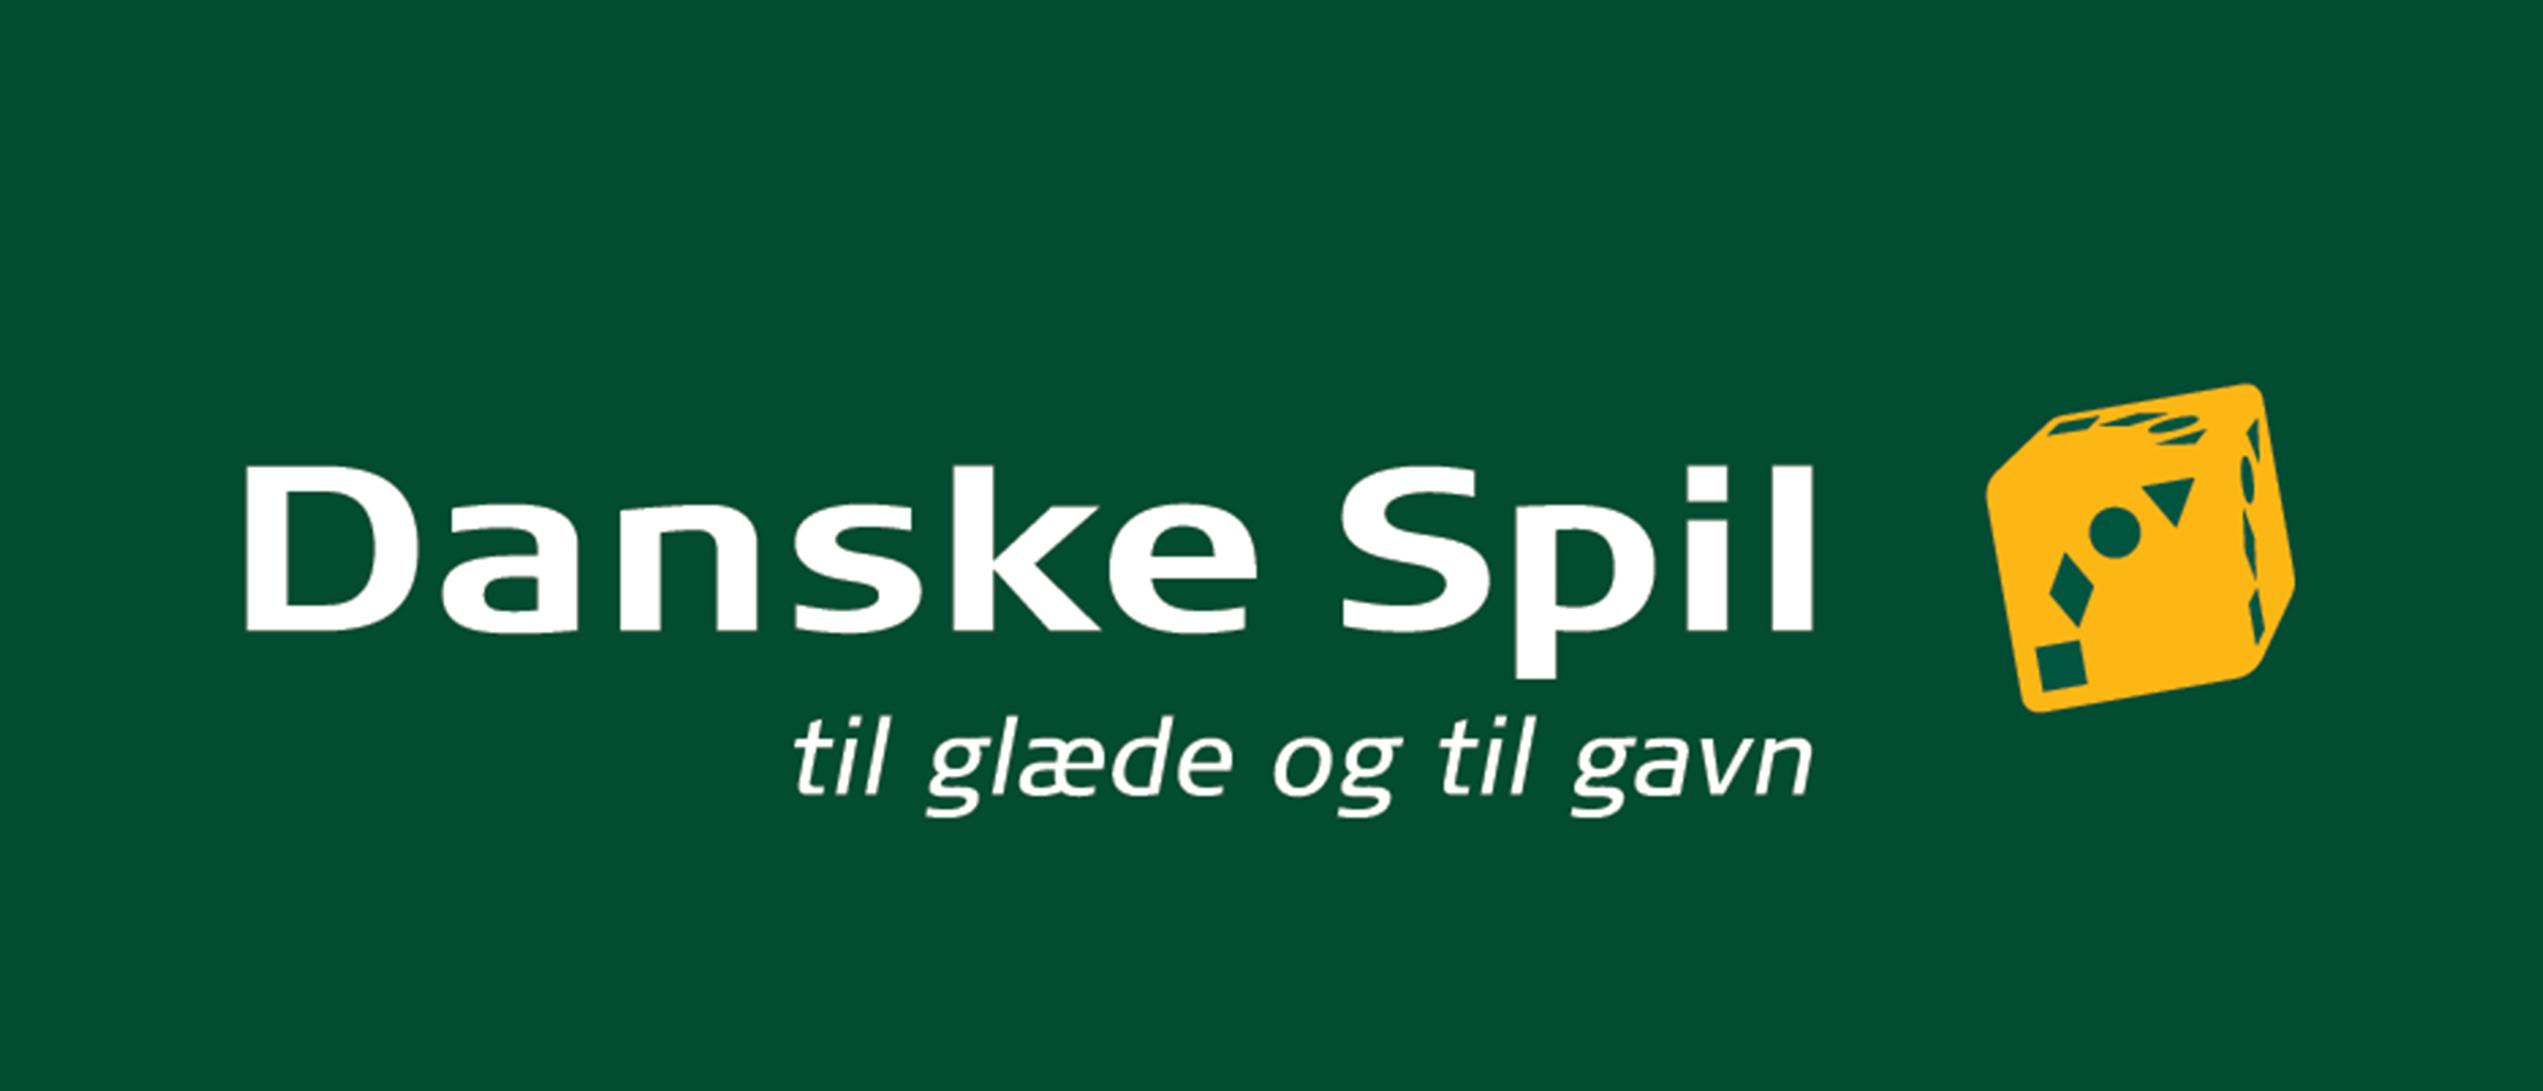 Danske Spil - logo